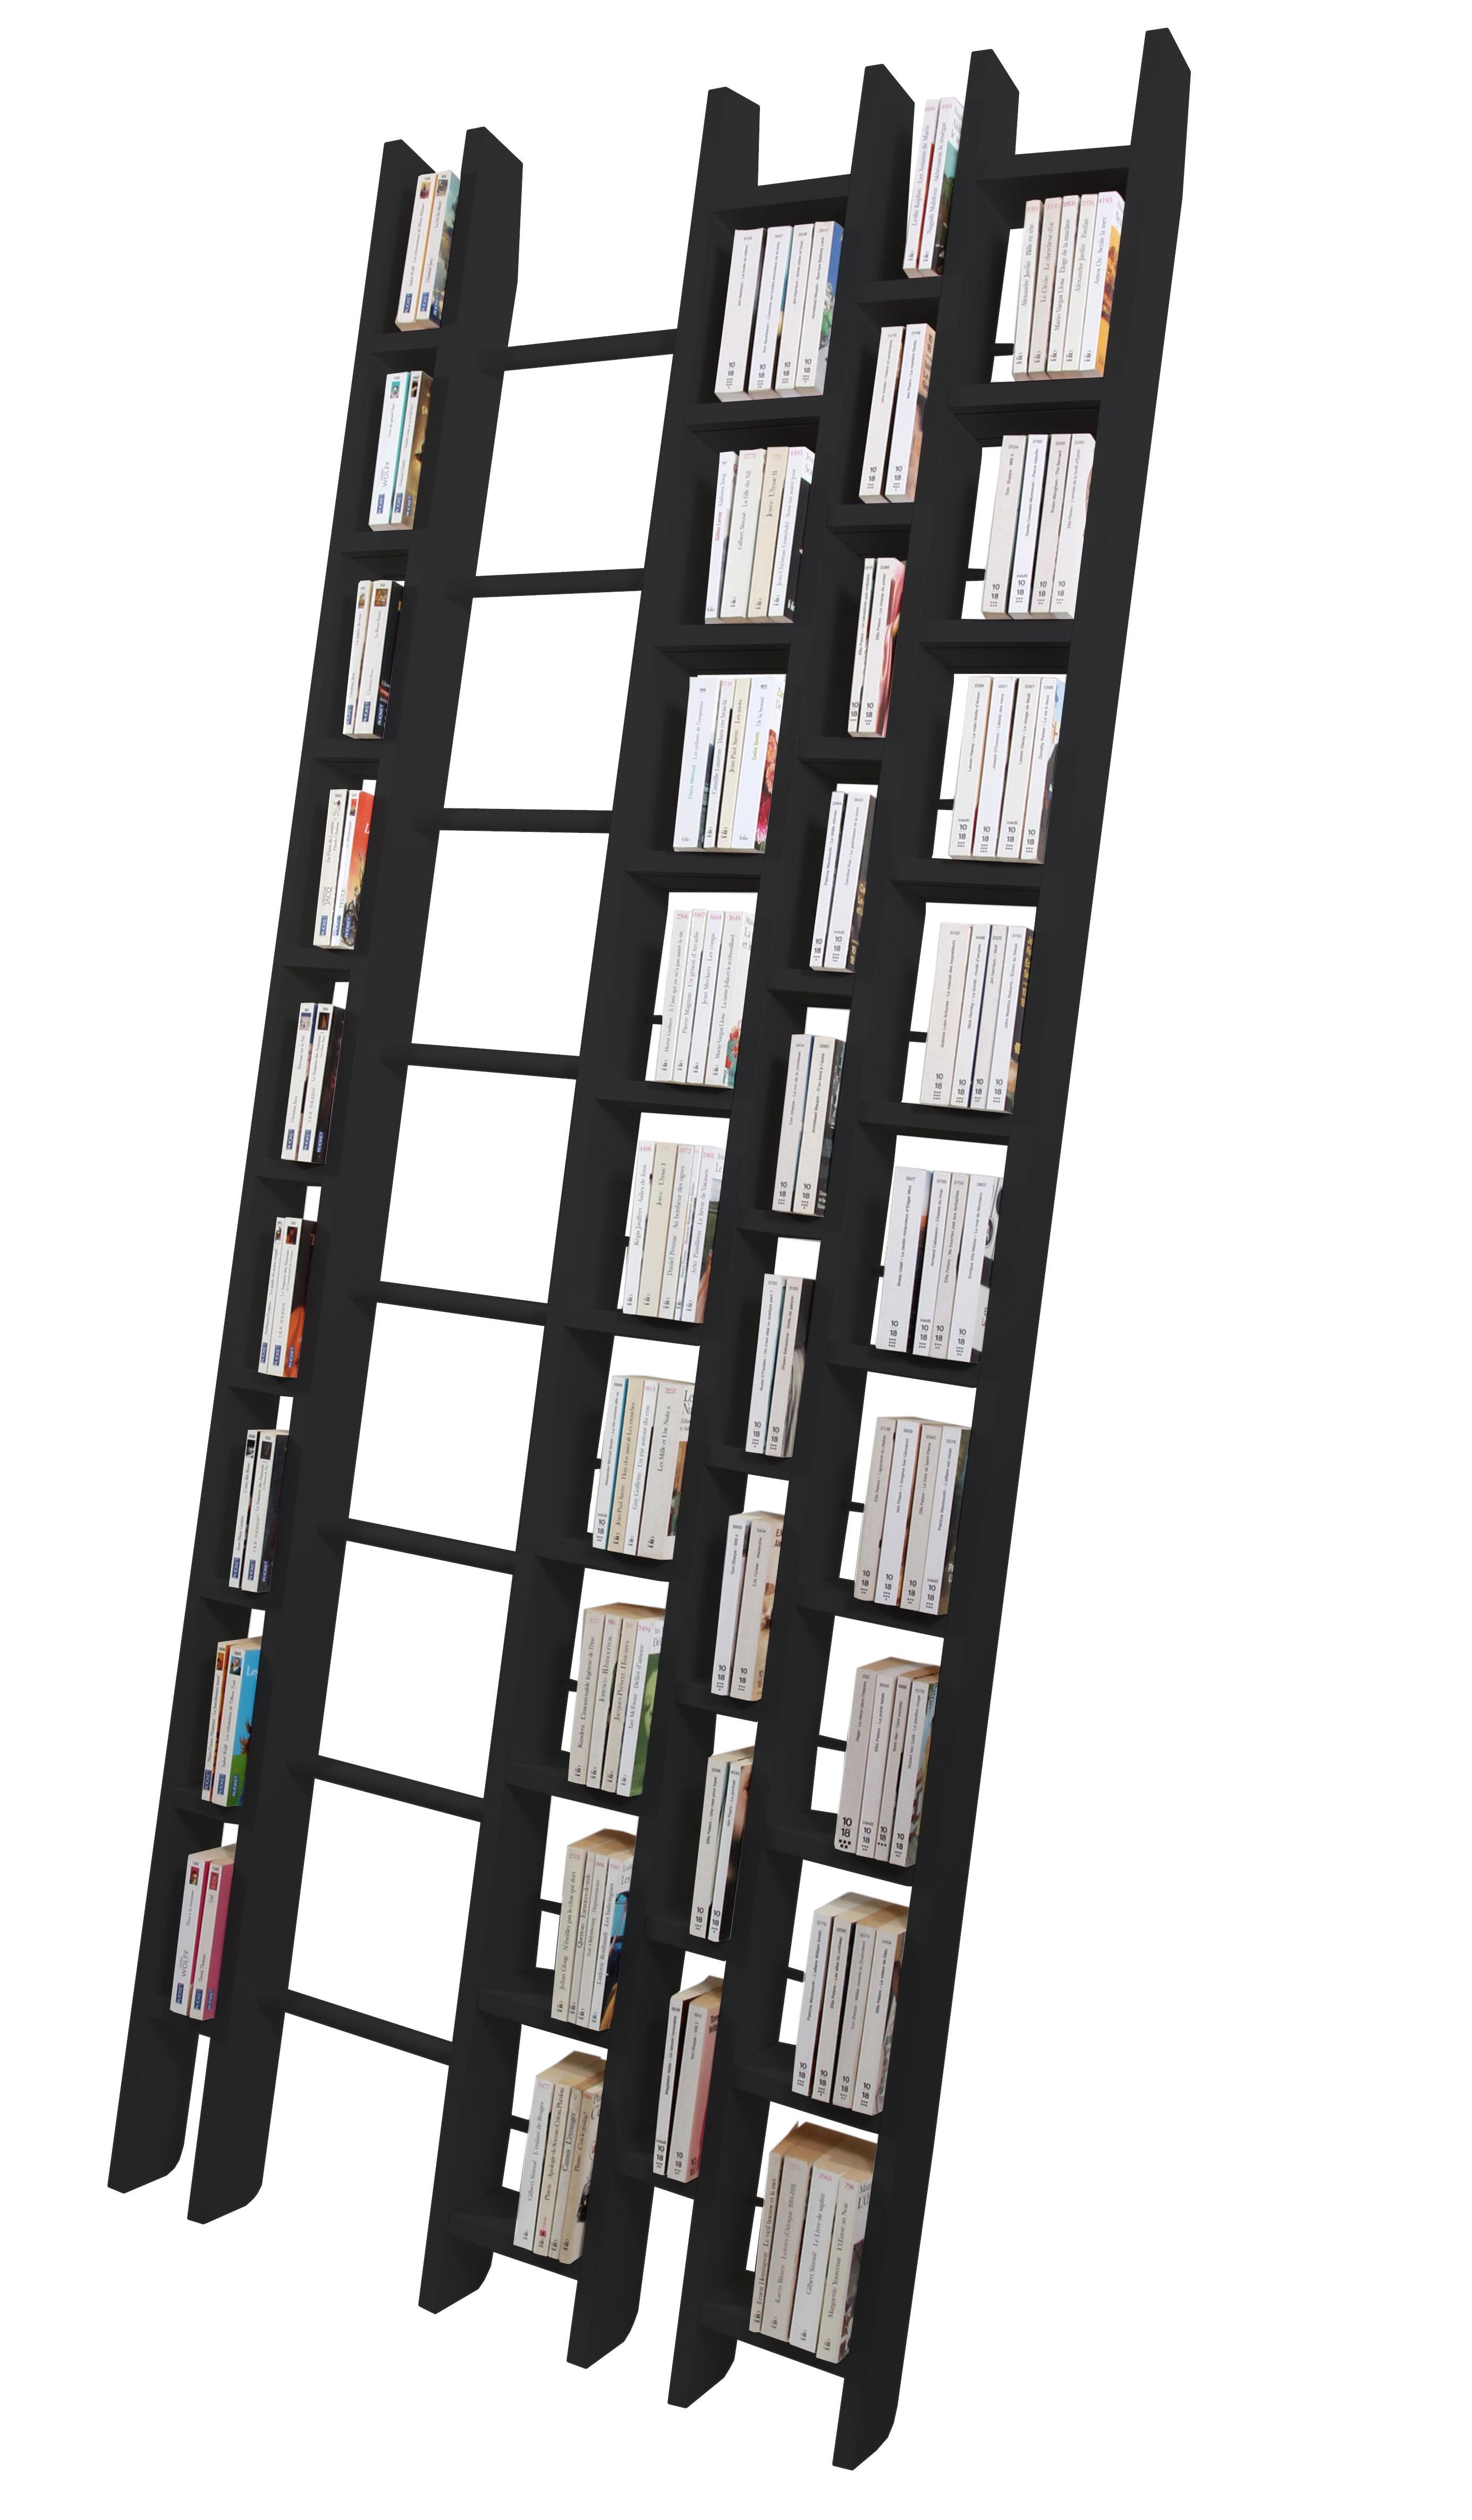 Mobilier - Etagères & bibliothèques - Bibliothèque Hô + / L 96 x H 240 cm - La Corbeille - Noir - Hêtre massif laqué